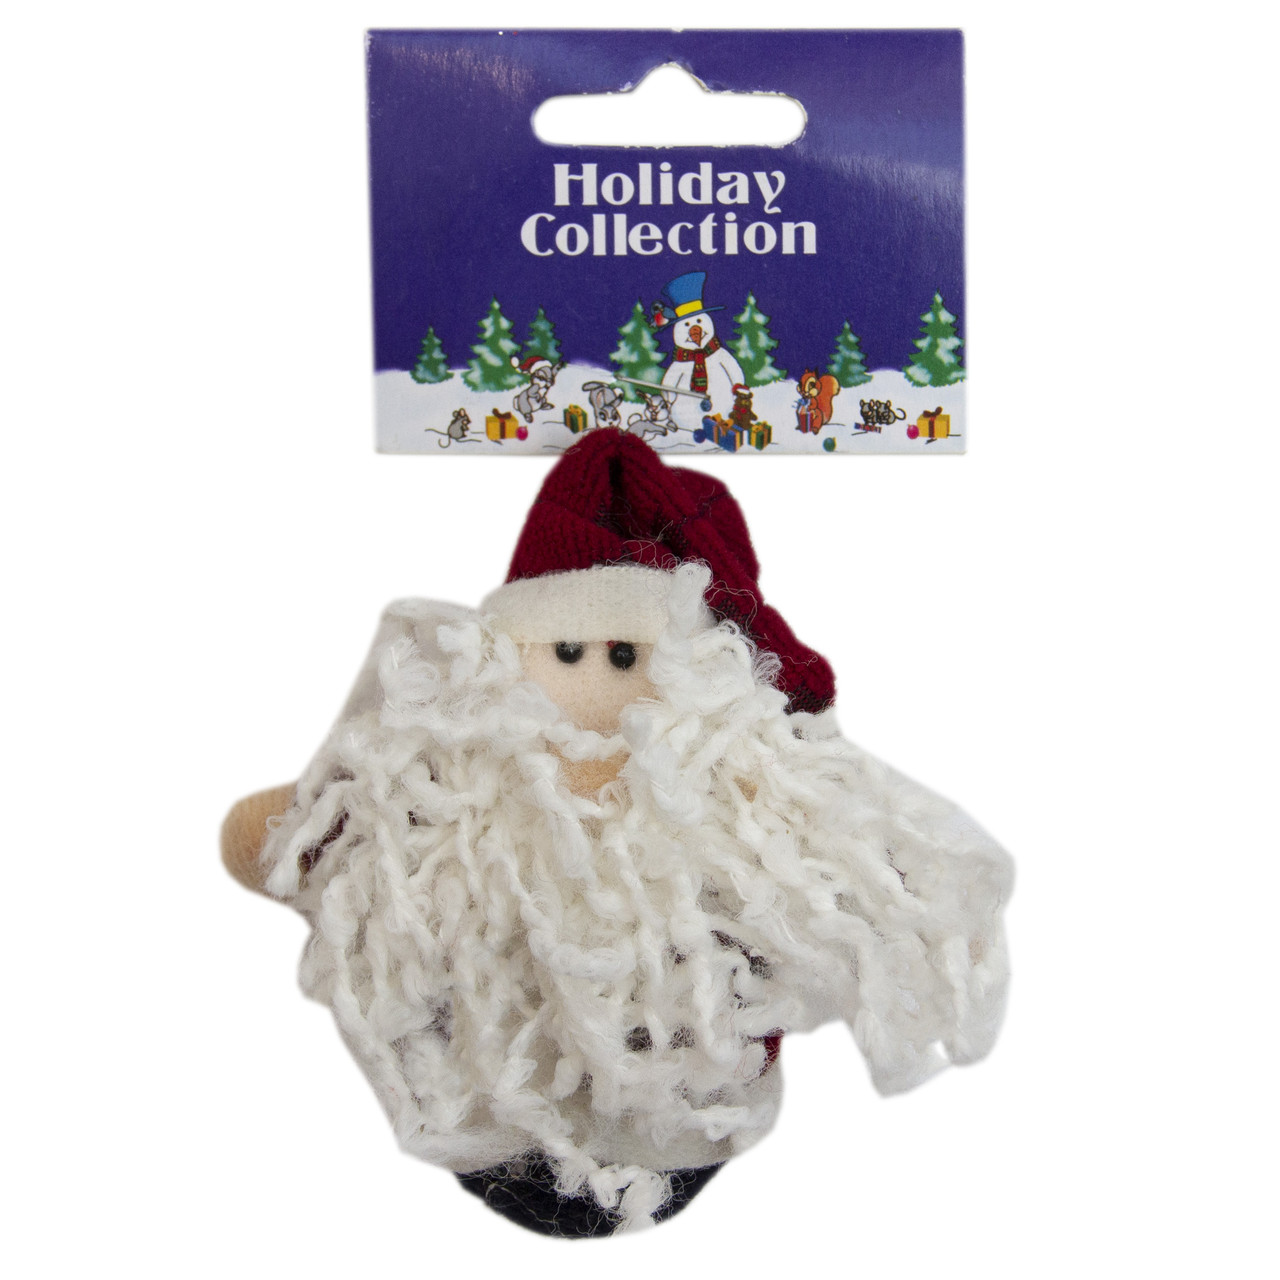 Елочная игрушка мягкая фигурка Дед Мороз в вишневой кофте, 9 см (000258-3)